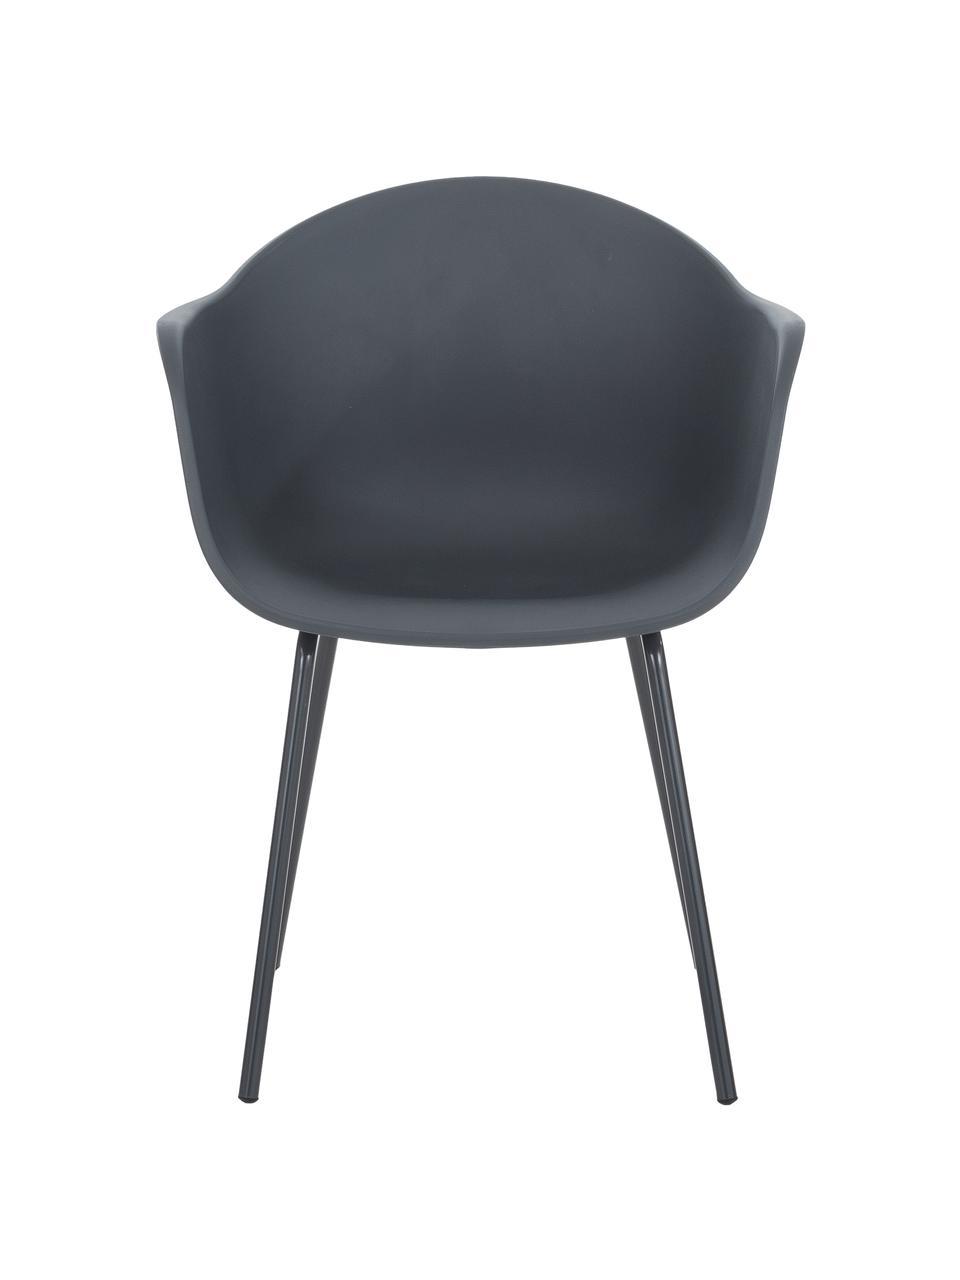 Chaise scandinave plastique Claire, Gris